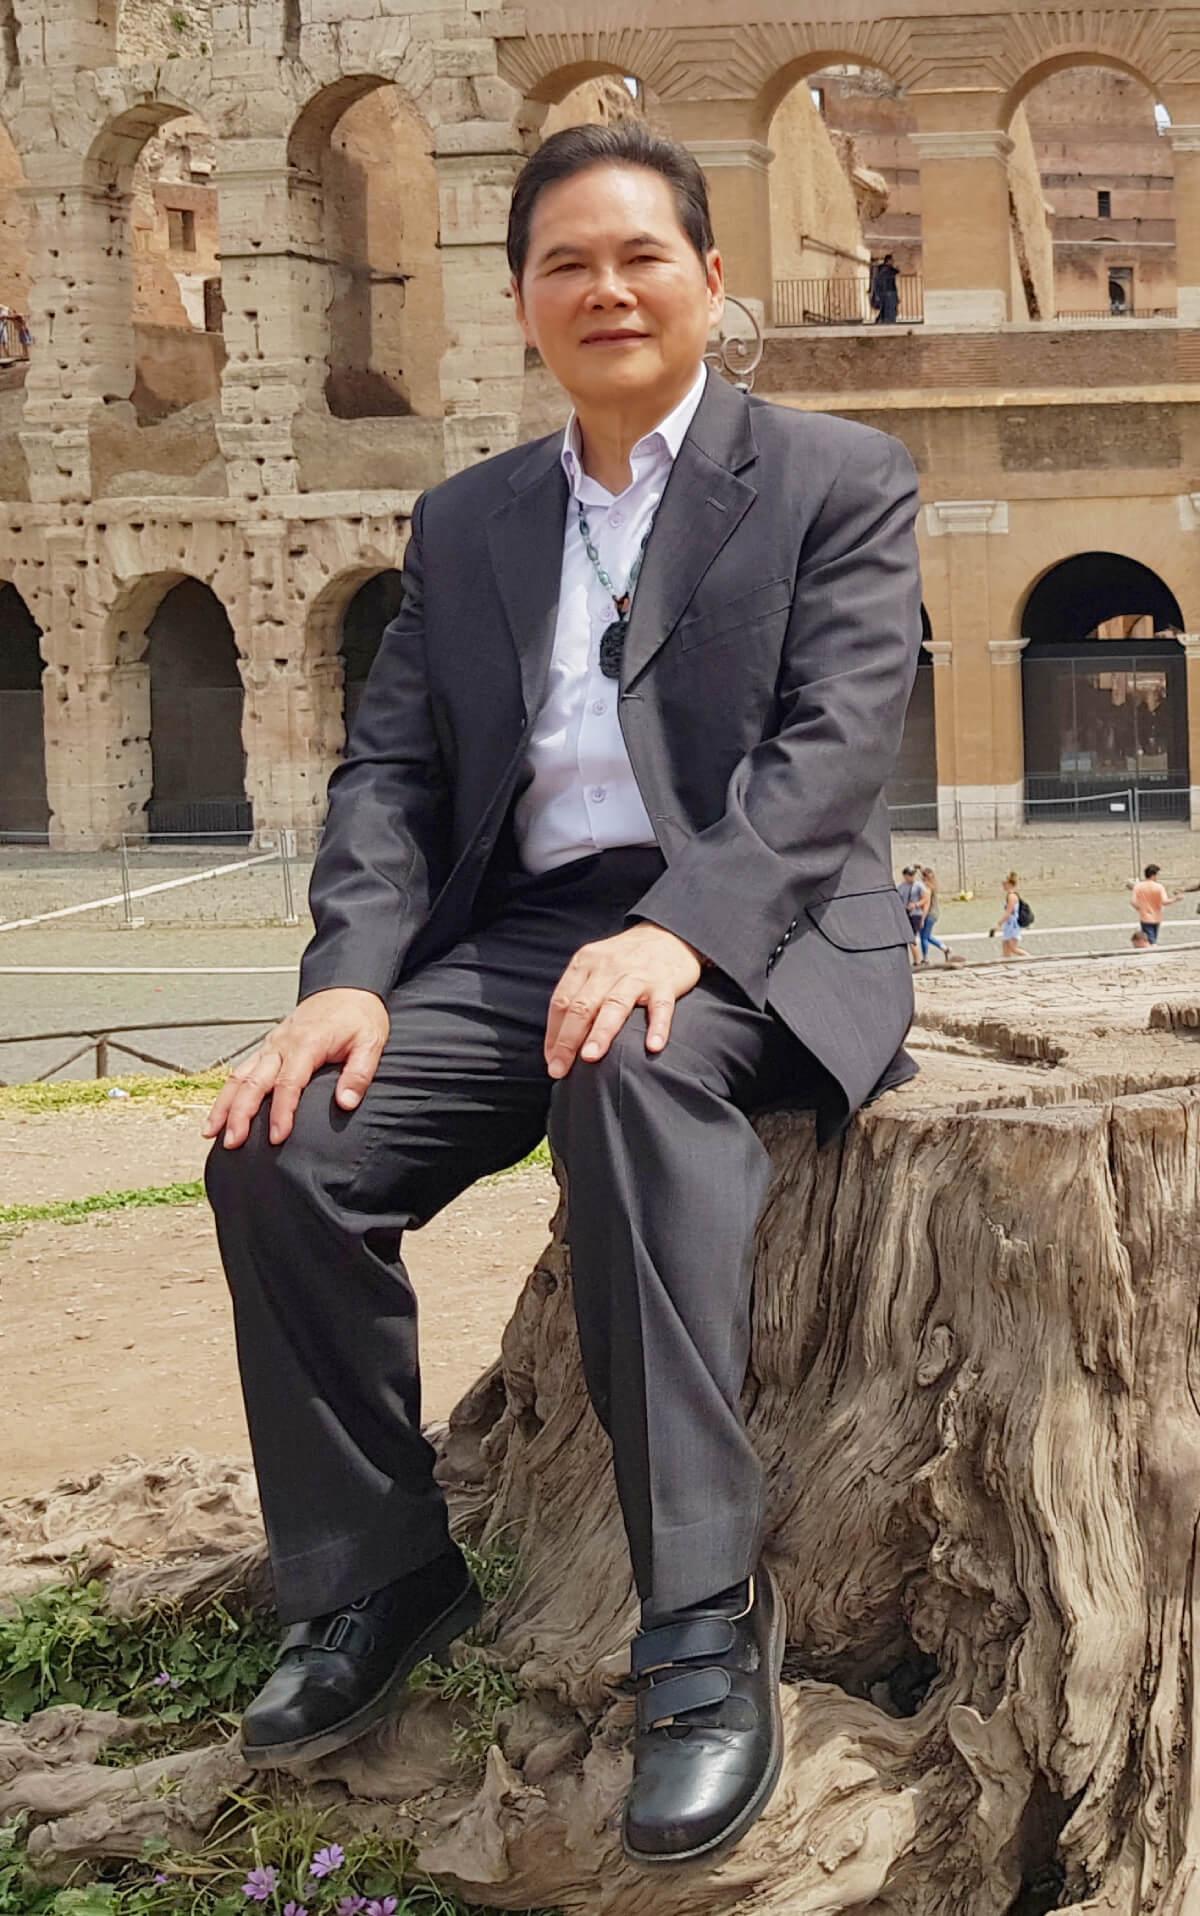 Sunkist Founder Ken Hwang